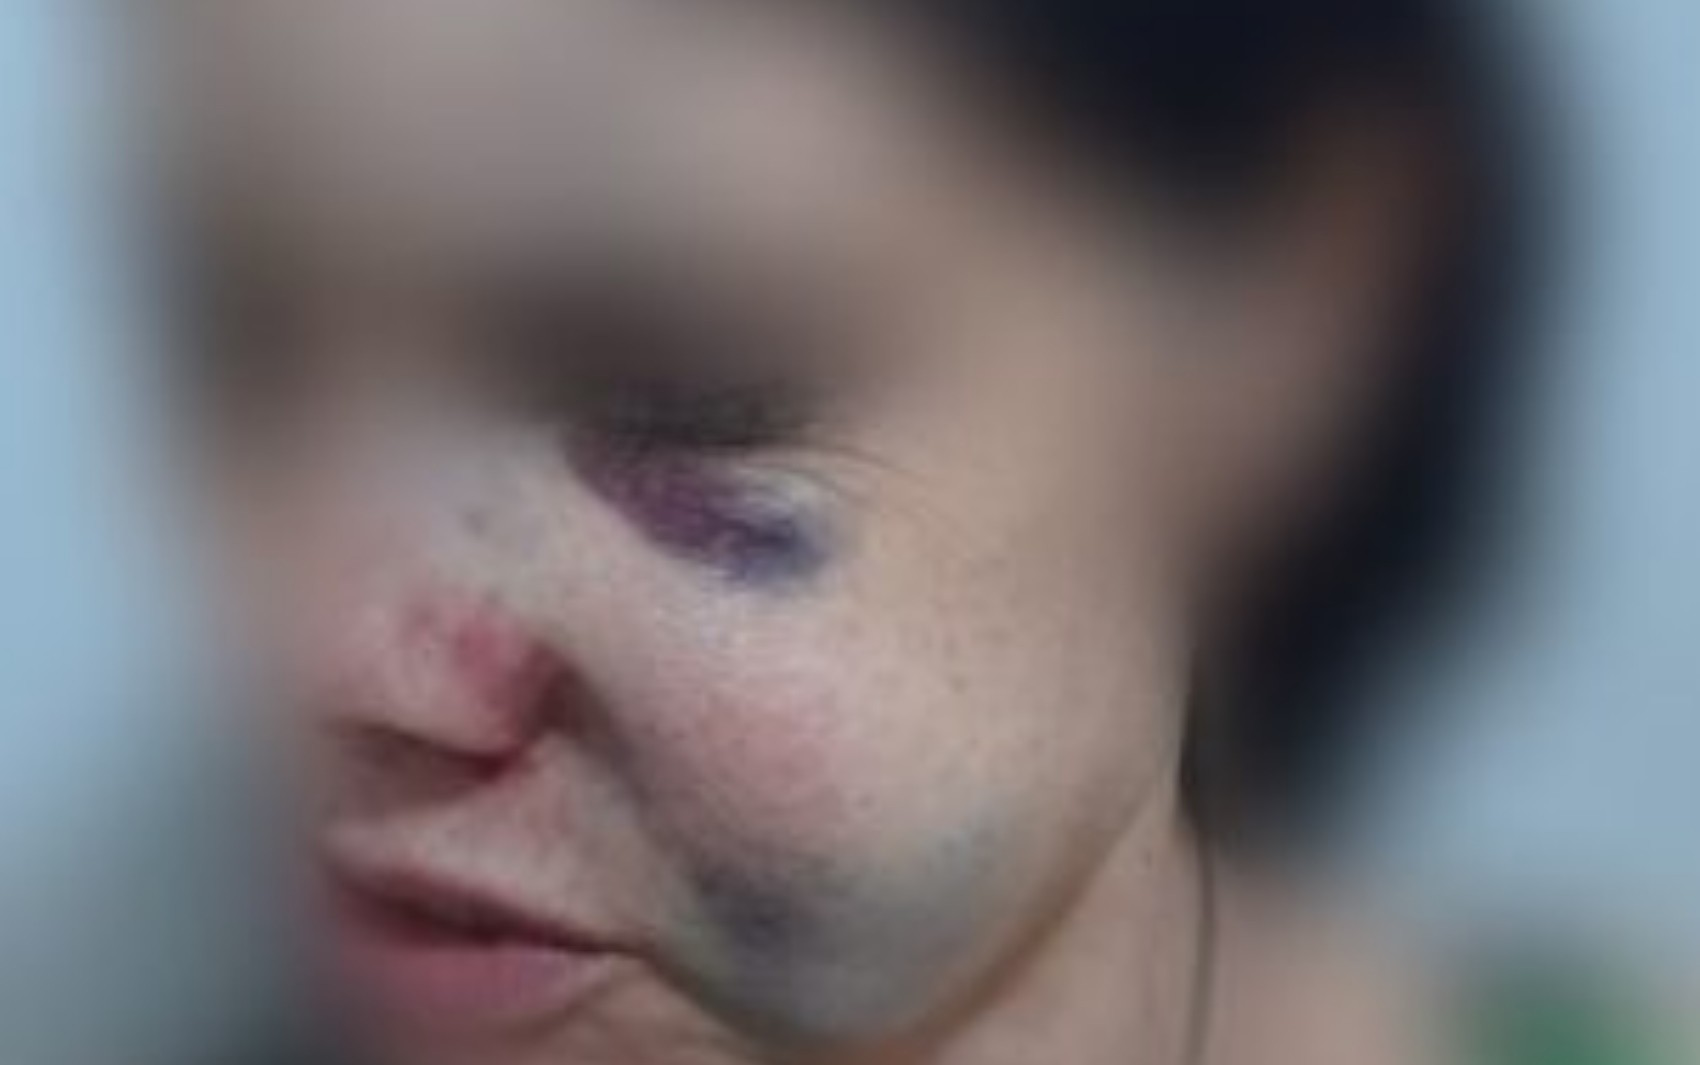 Jovem é preso suspeito de espancar a namorada em Jaraguá